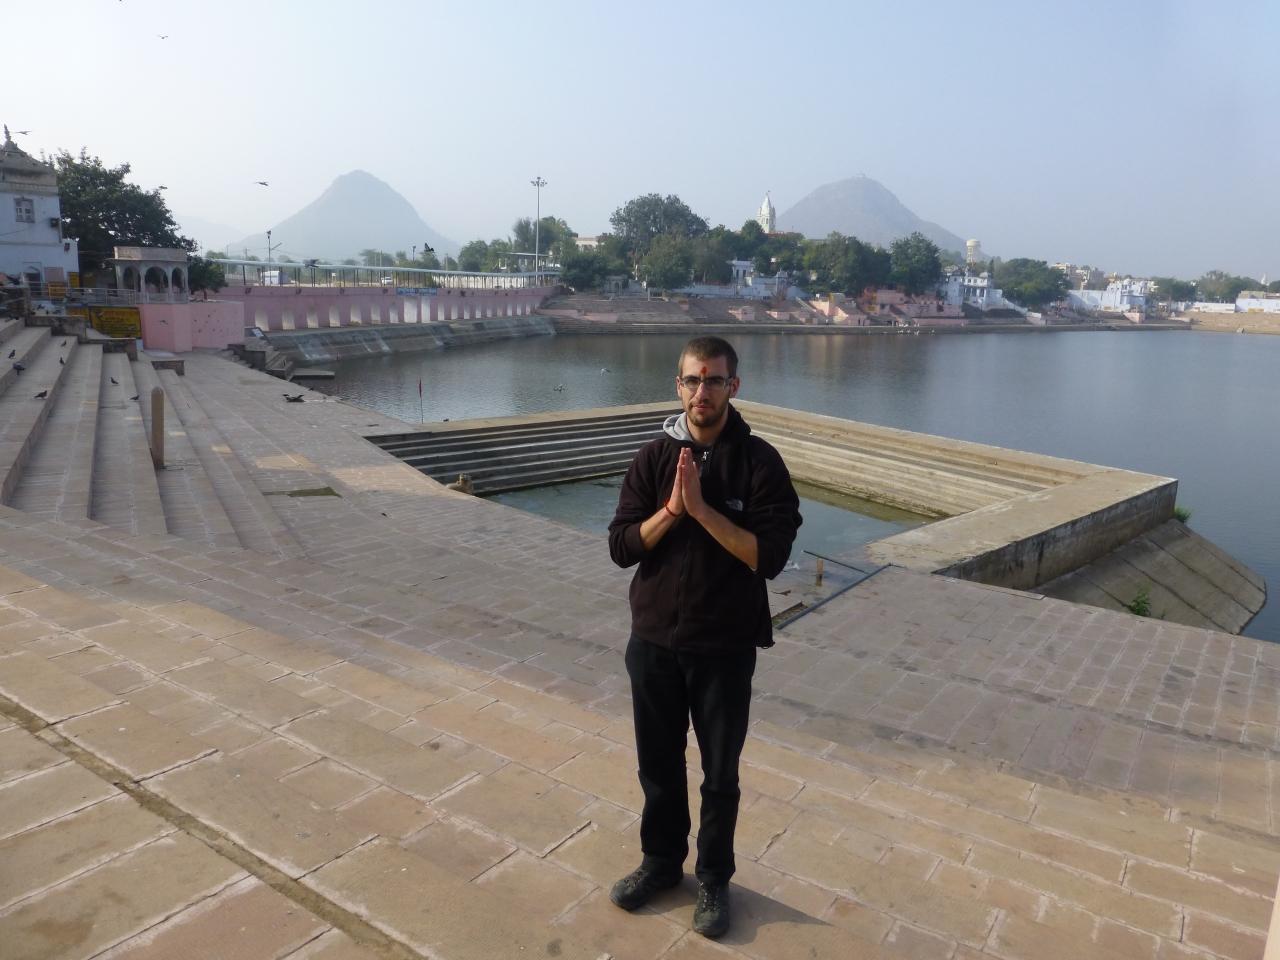 Pushkar: Zittend op een ghat de Lotusbloemgeofferd